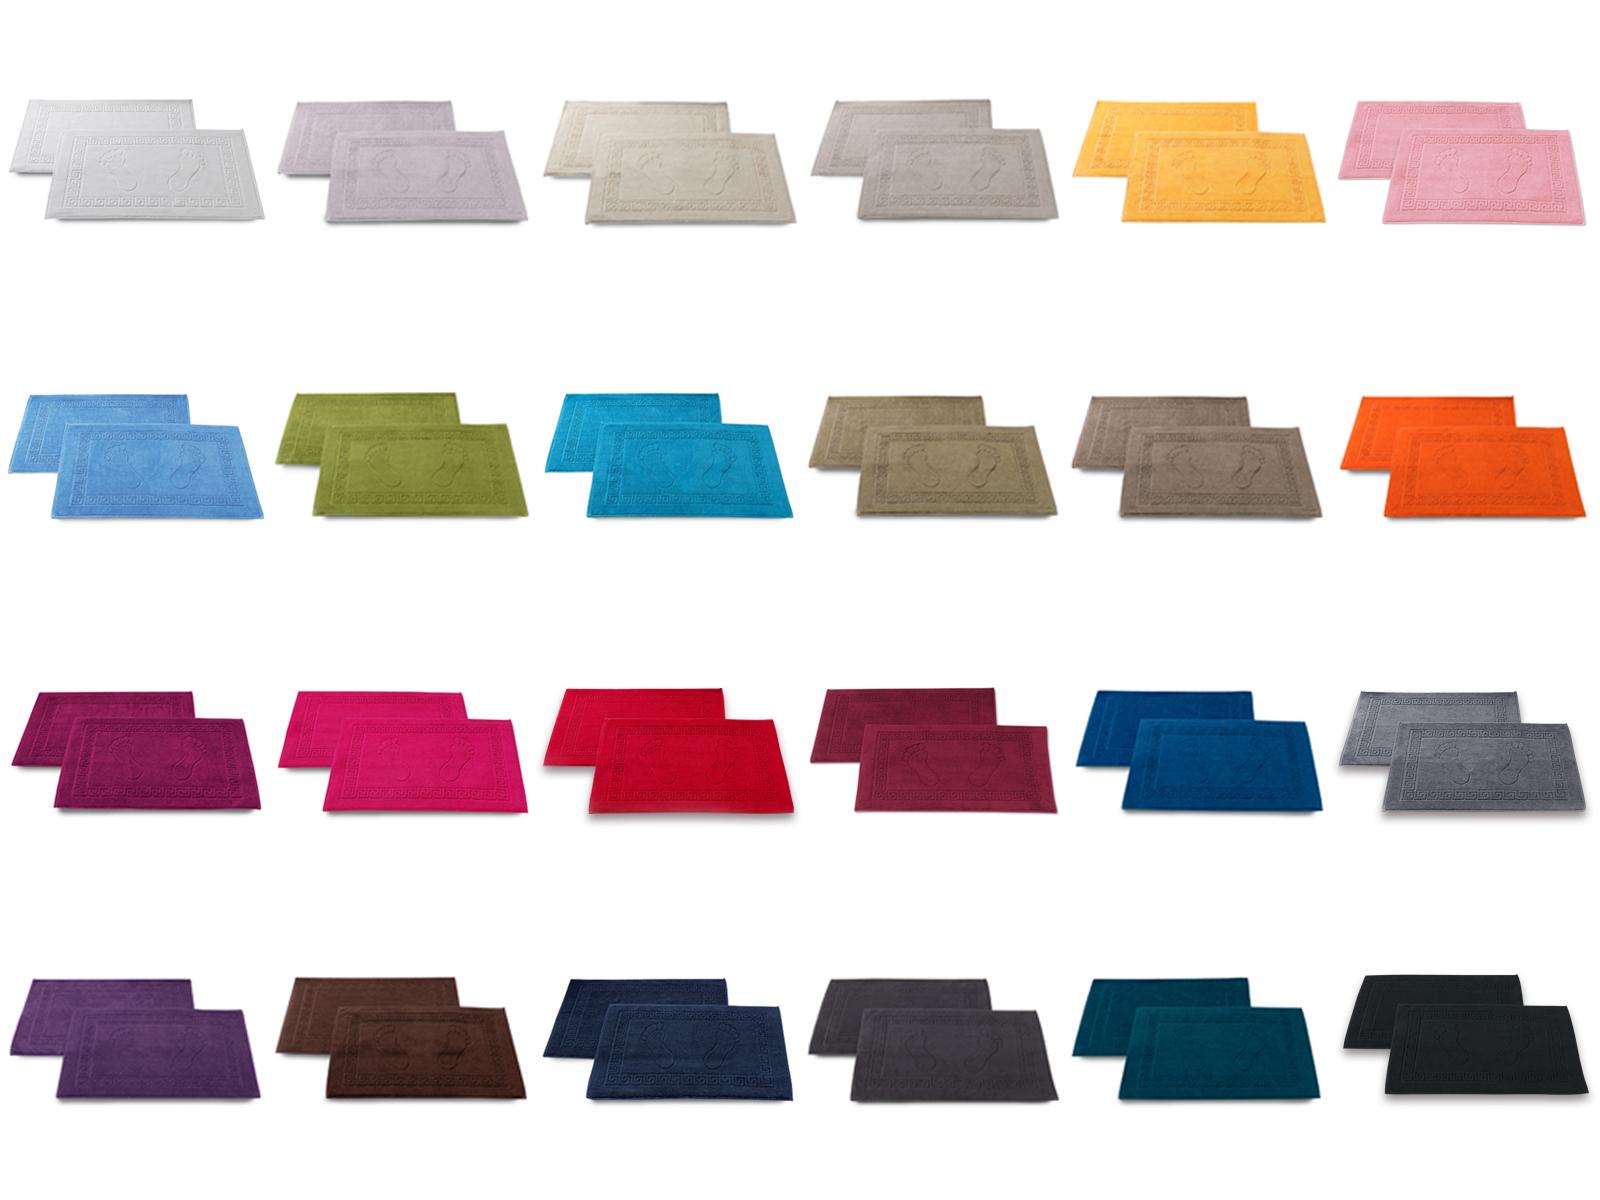 jersey 100 baumwolle spannbetttuch spannbettlaken 90x200 140x200 180x200 cm ebay. Black Bedroom Furniture Sets. Home Design Ideas